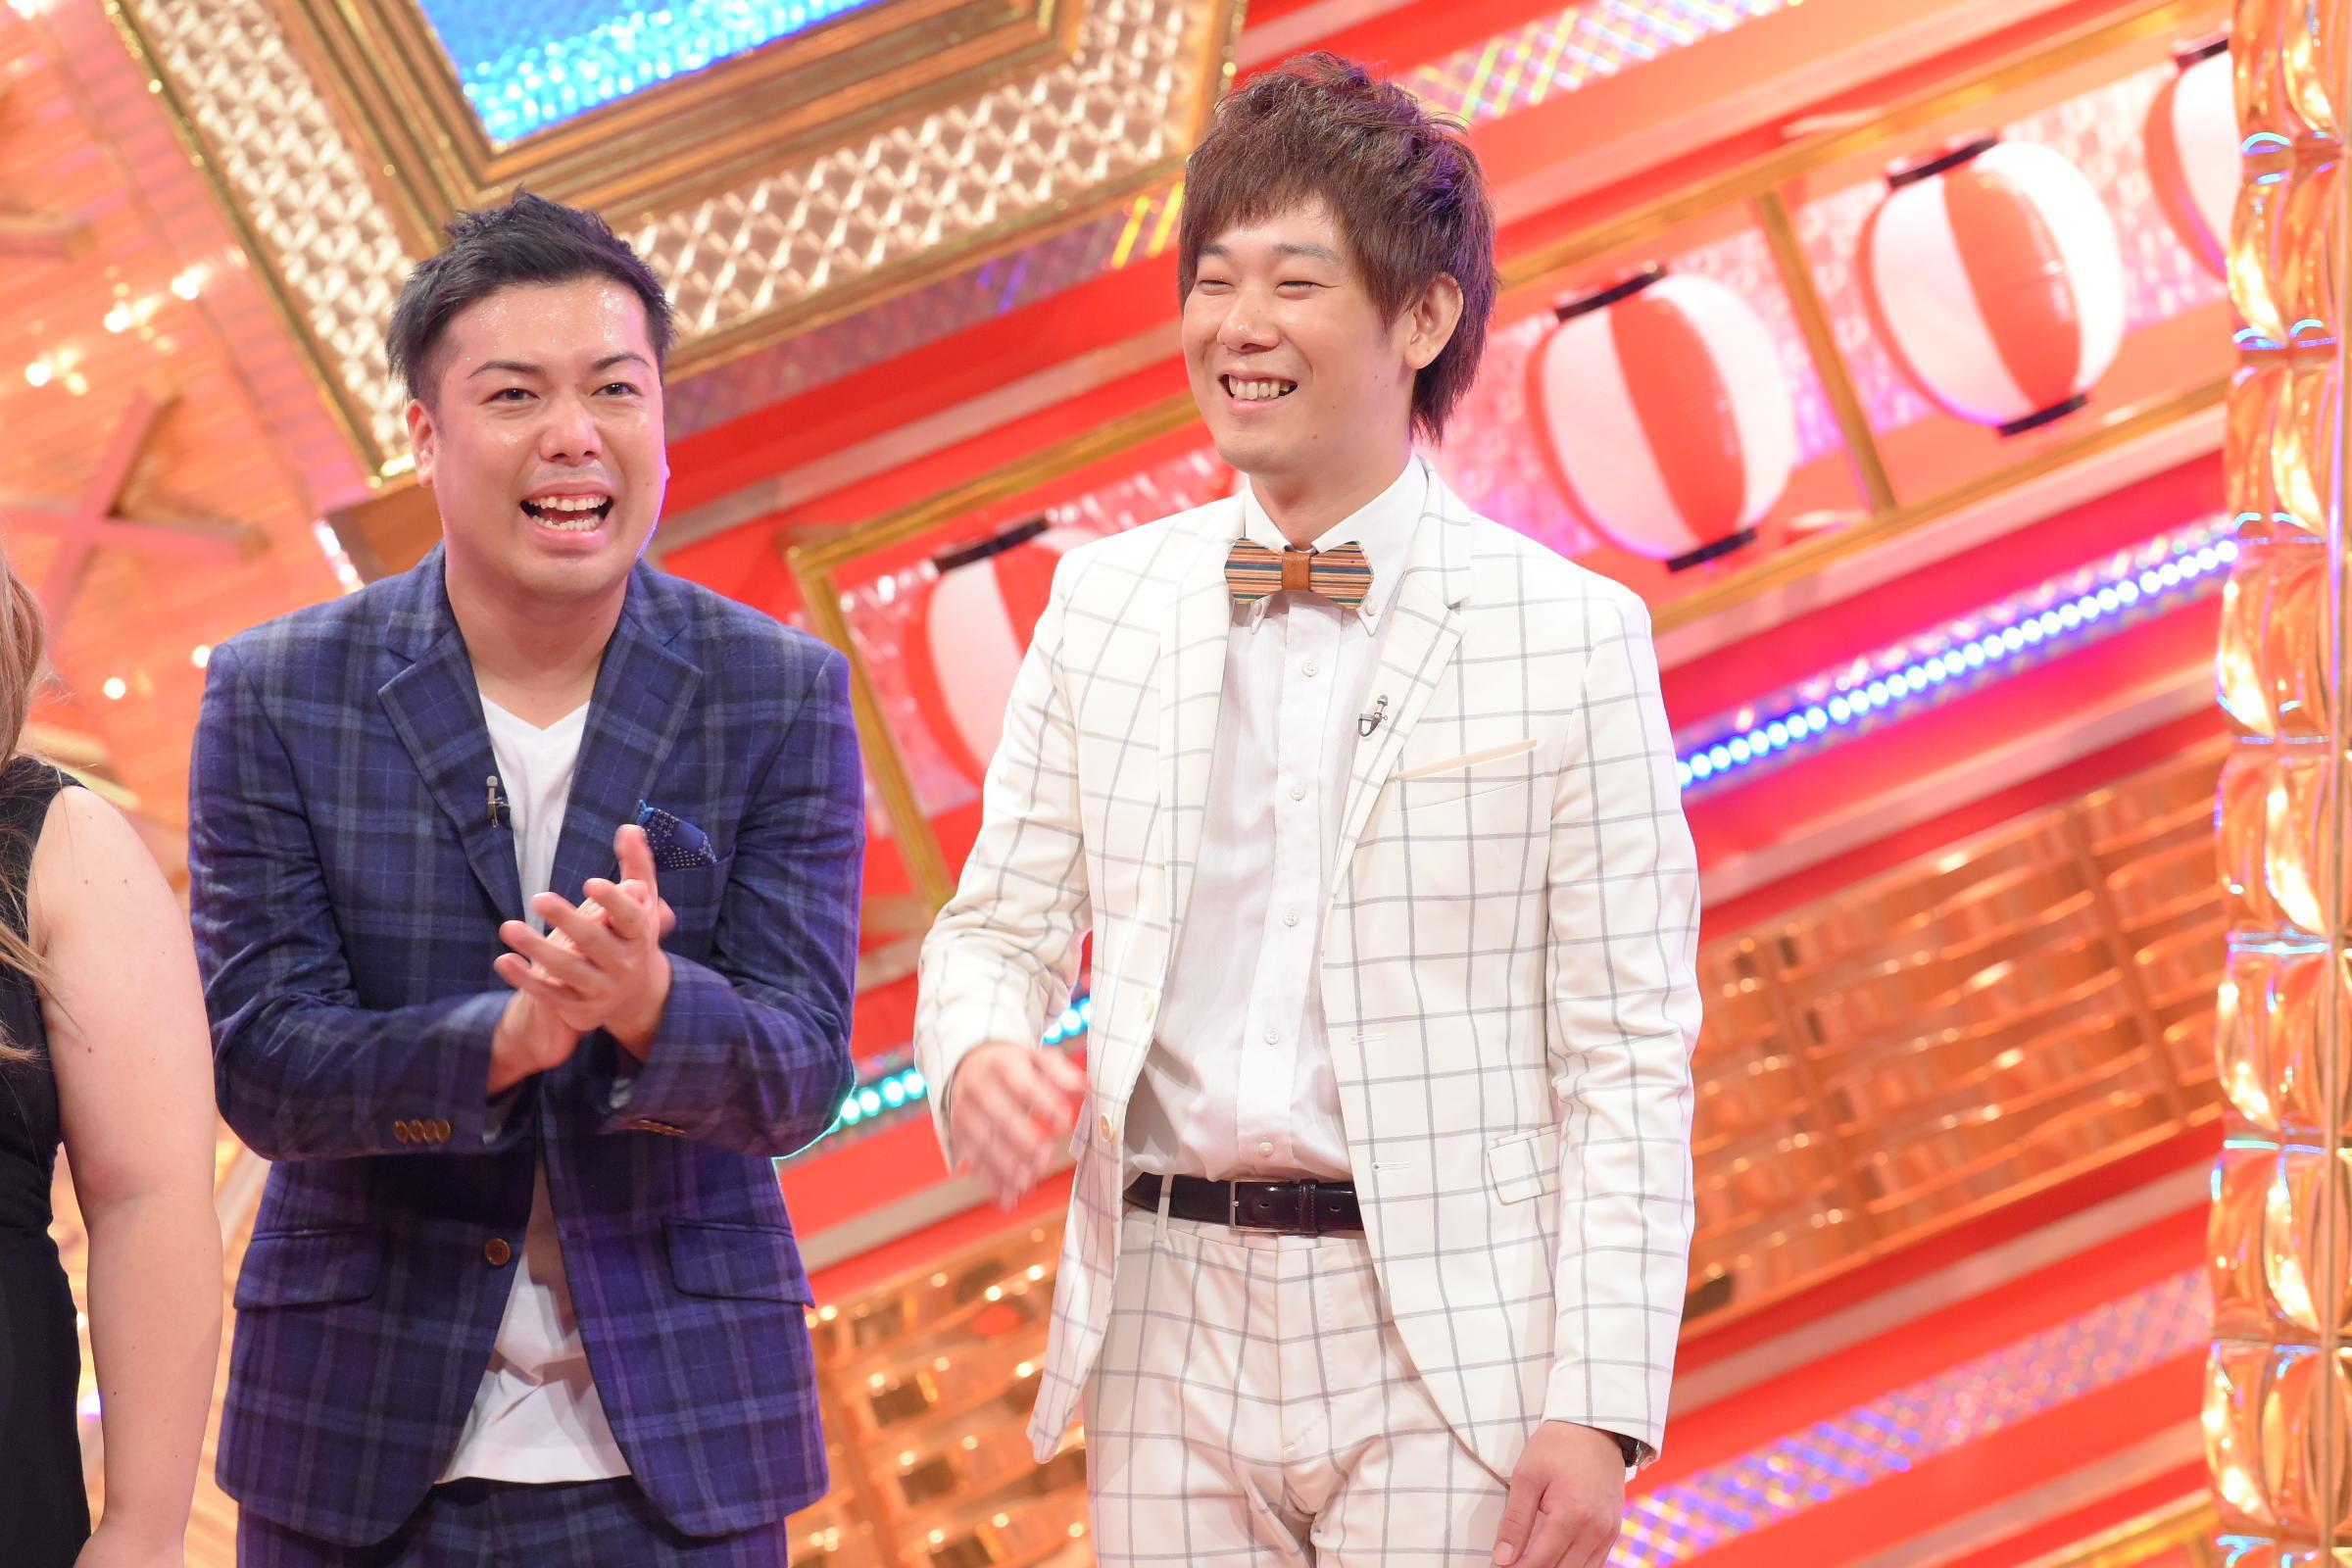 http://news.yoshimoto.co.jp/20170712103945-a9c811ef7df2aa9e651e44d45a8081f4bdb34513.jpg